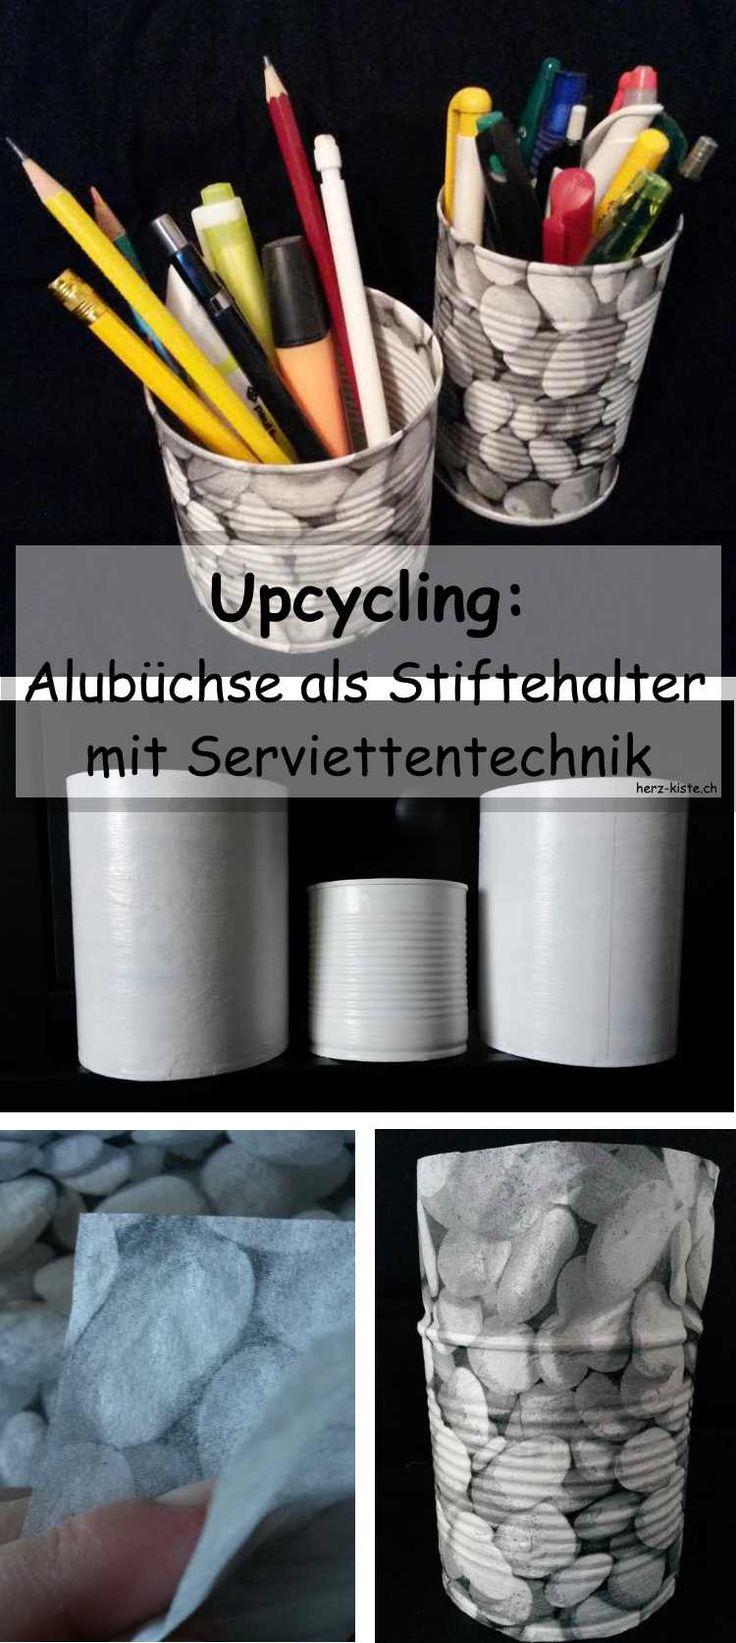 Upcycling: Mit Serviettentechnik eine Büchse in einen Stiftehalter verwandeln